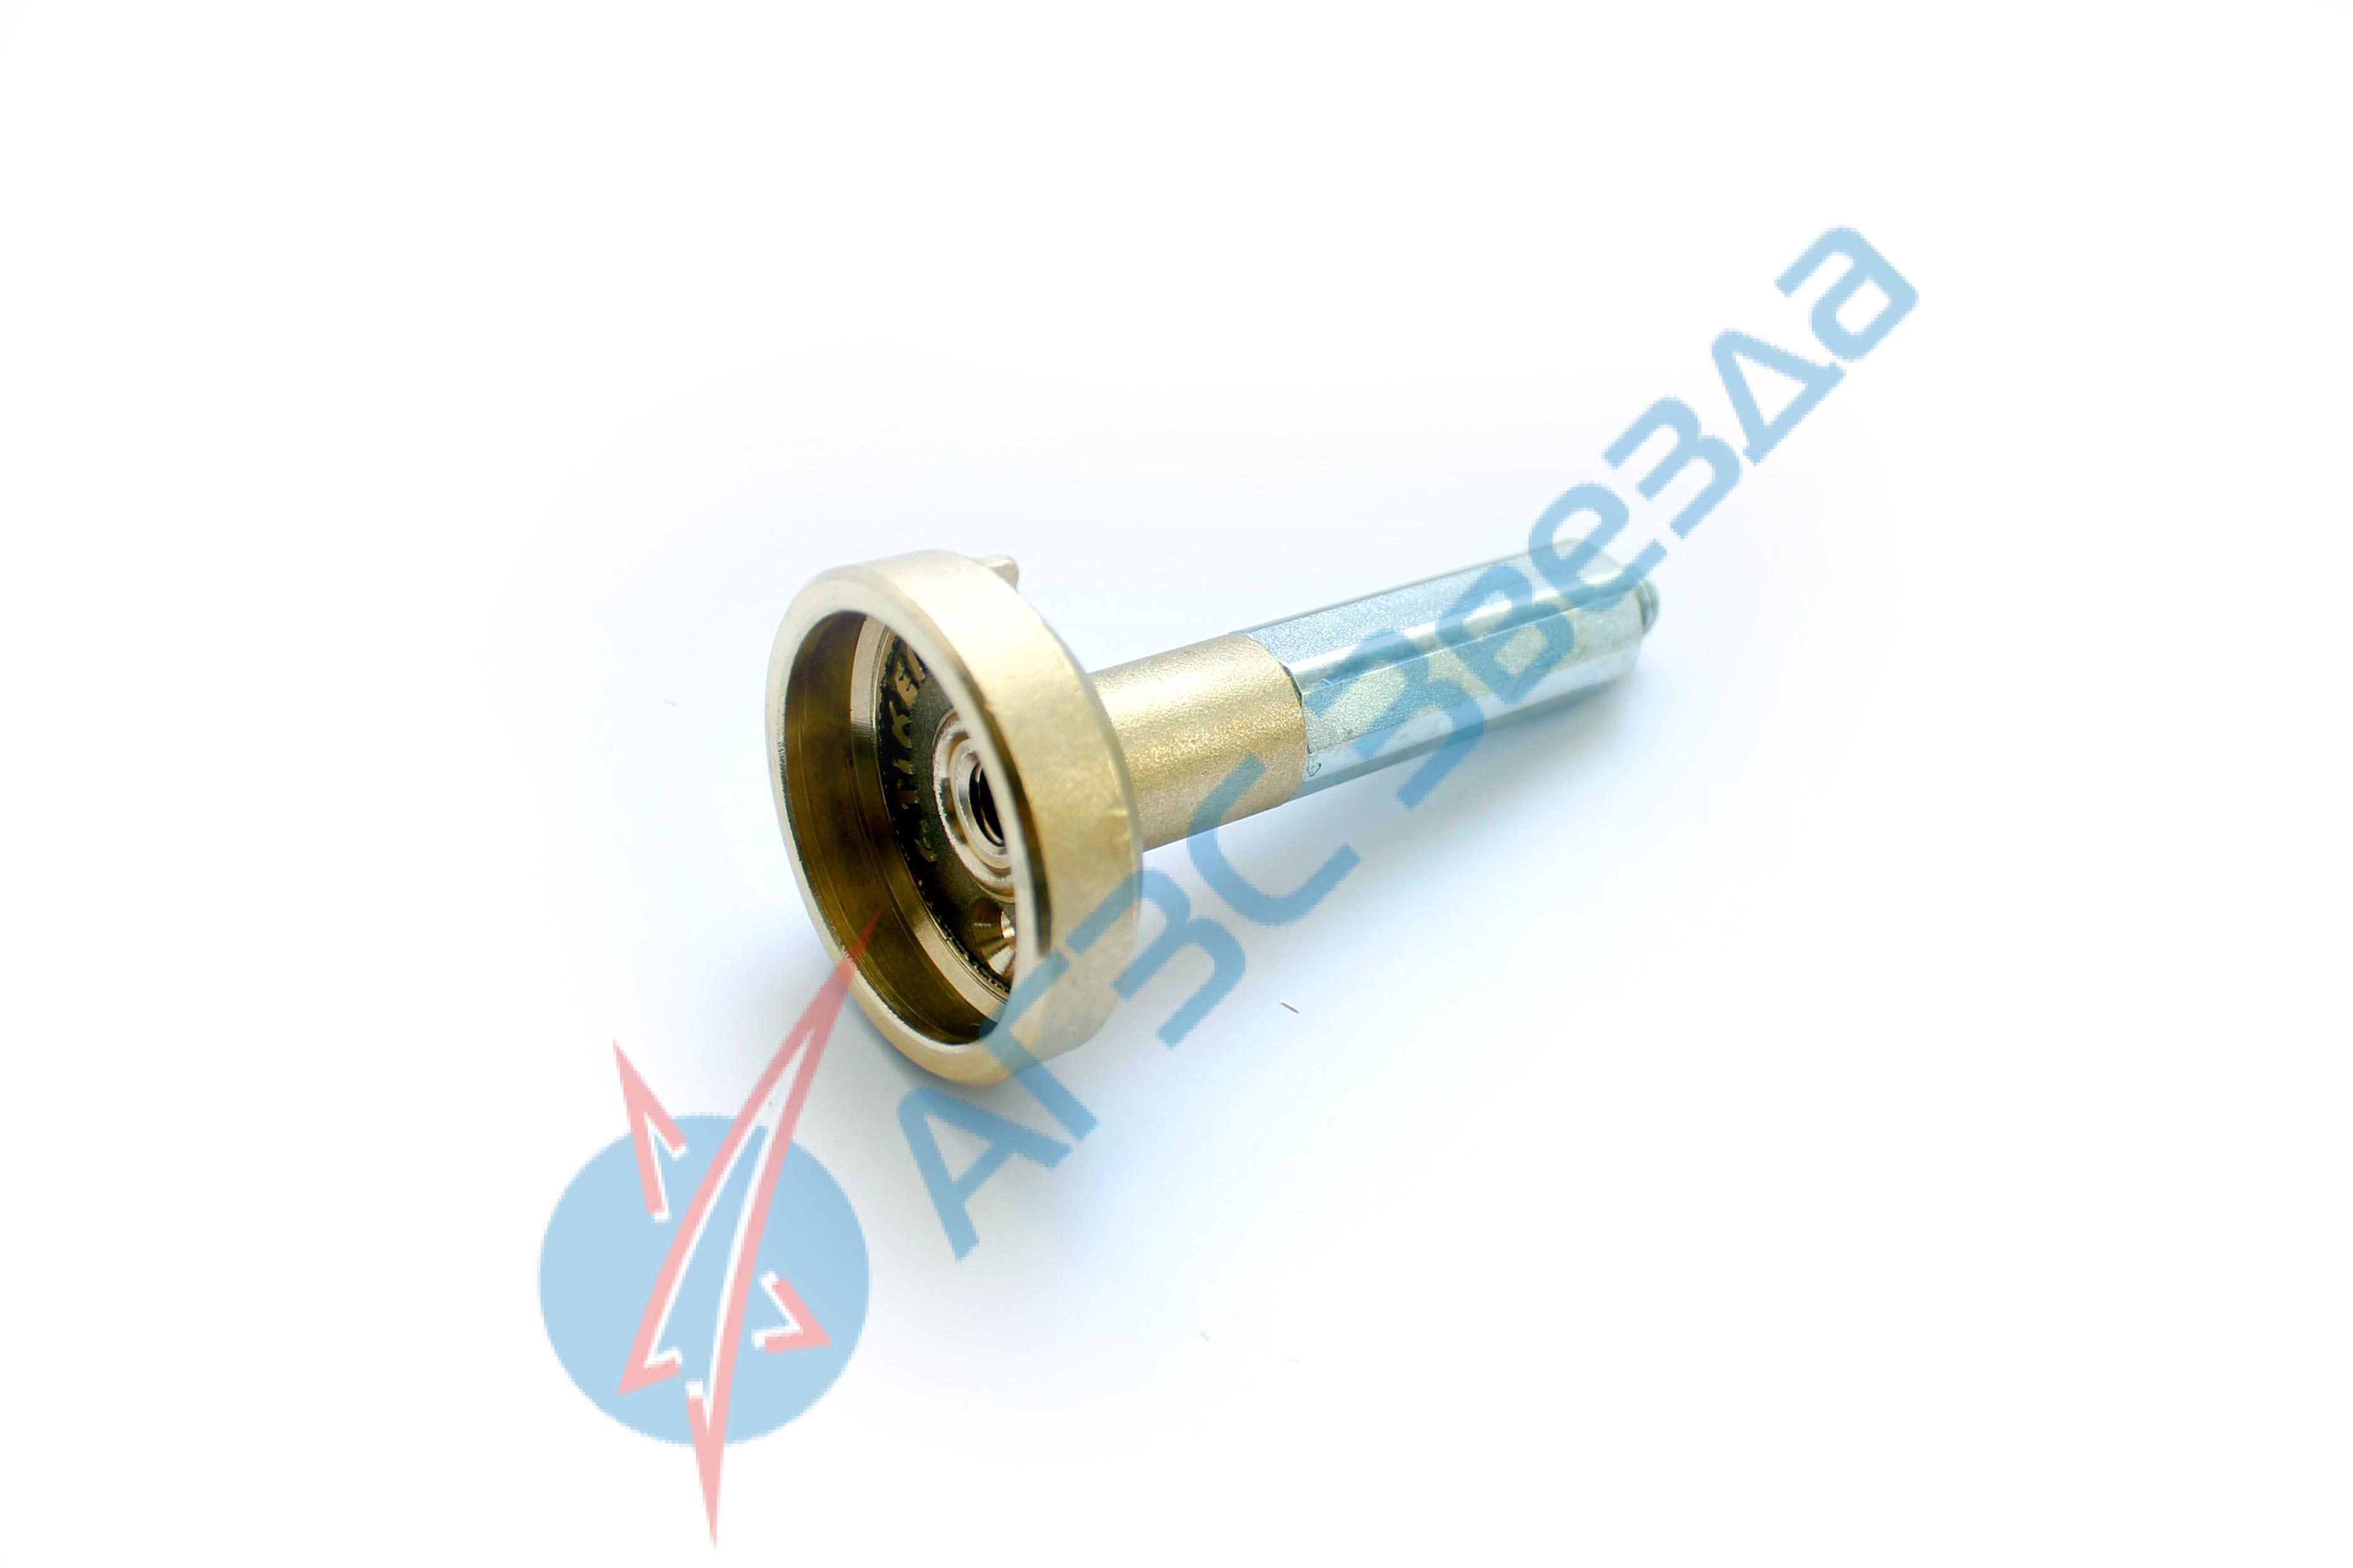 Адаптер Atiker для ВЗУ в бензолюк удлиненный